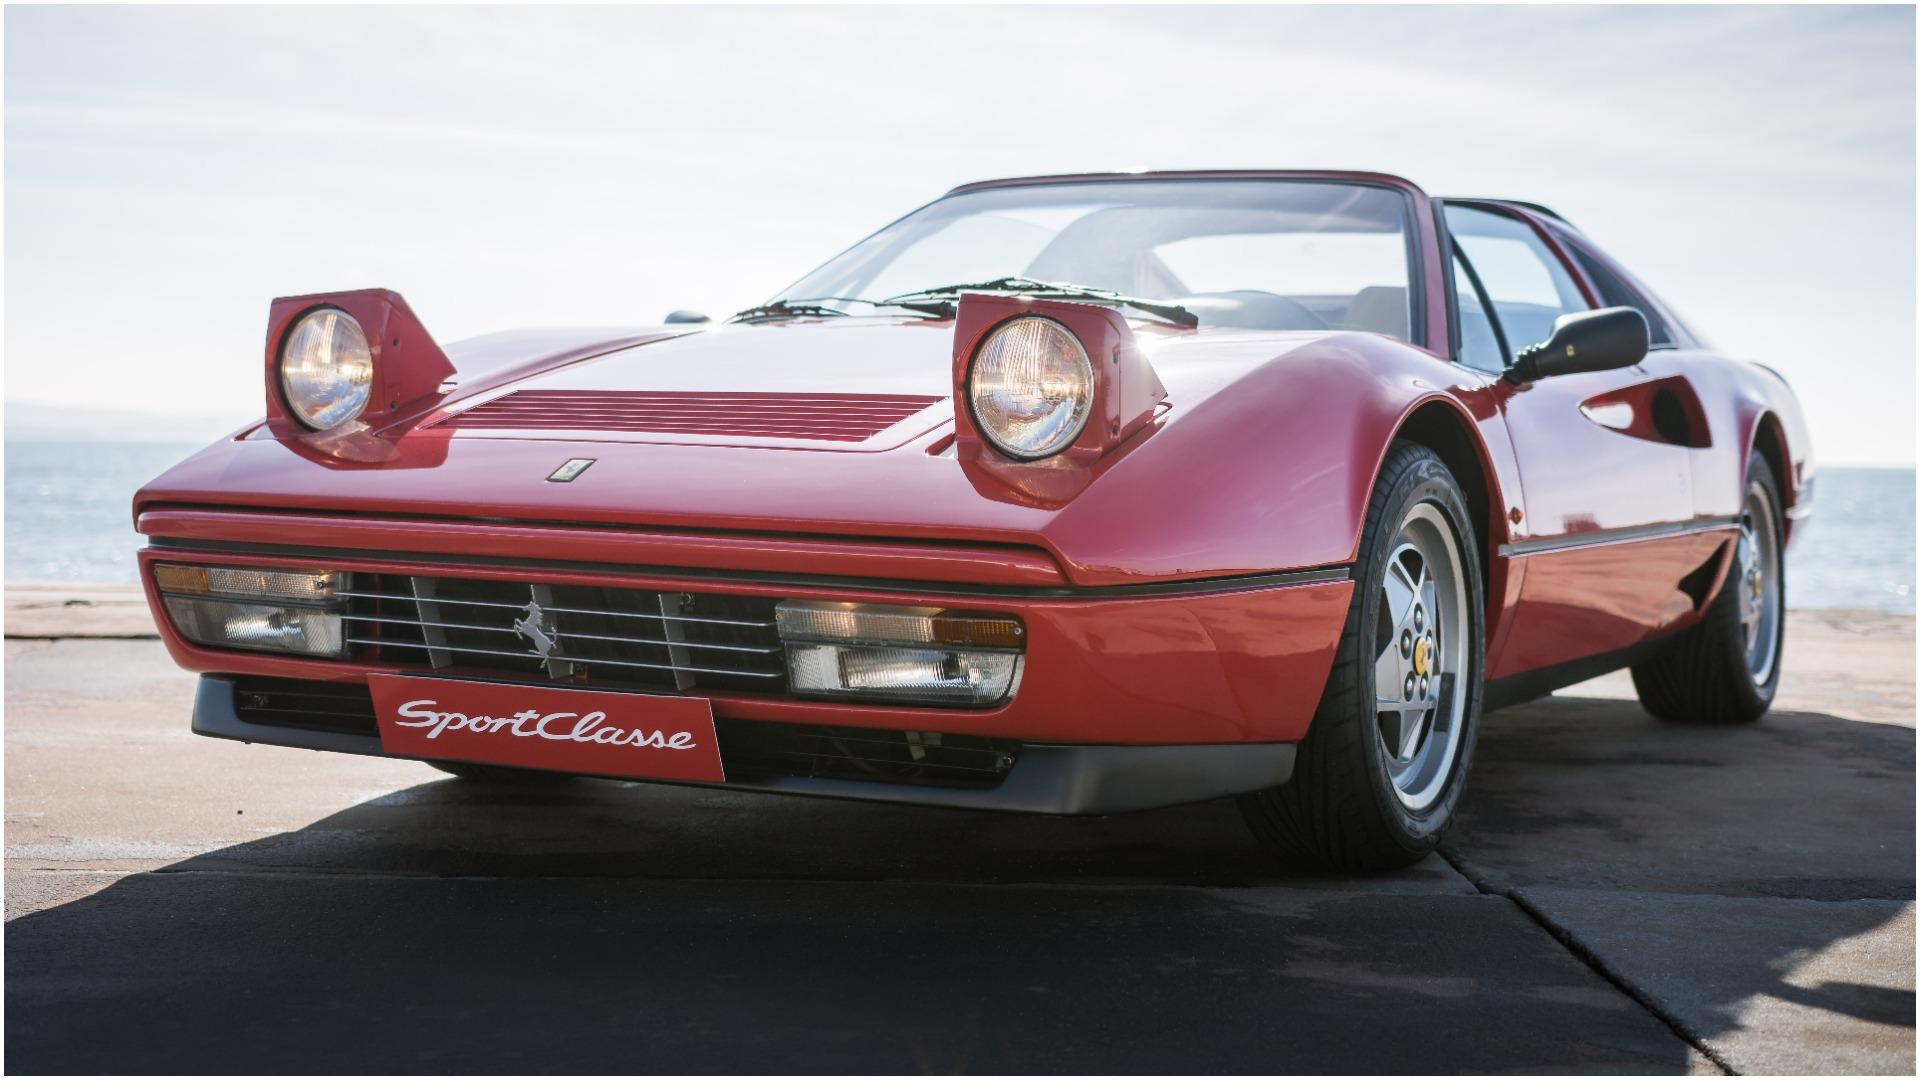 Ferrari 208 GTS Turbo (1988)